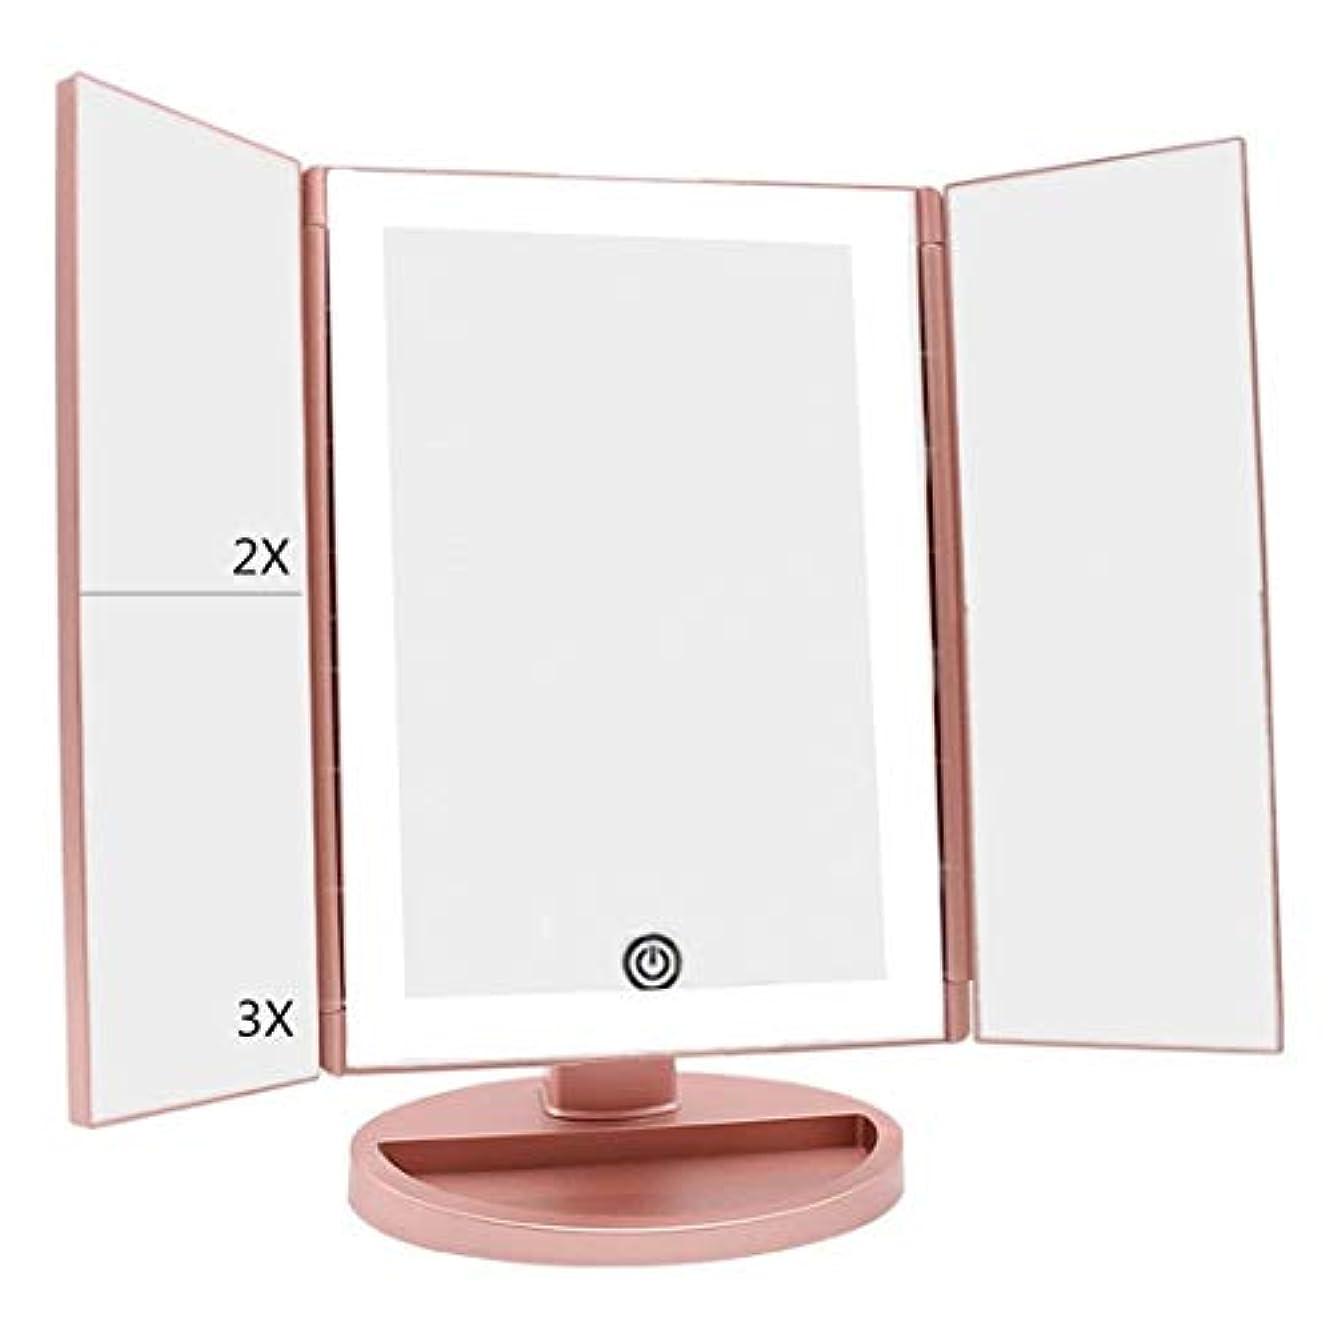 紀元前肝不毛DeWEISN 最新 36 タッチスクリーン調光および3倍/ 2倍/ 1倍 倍率ミラー180度自由に回転カウンター化粧鏡と自然 日光三つ折り点灯洗面化粧台化粧鏡を導きました ローズゴールド